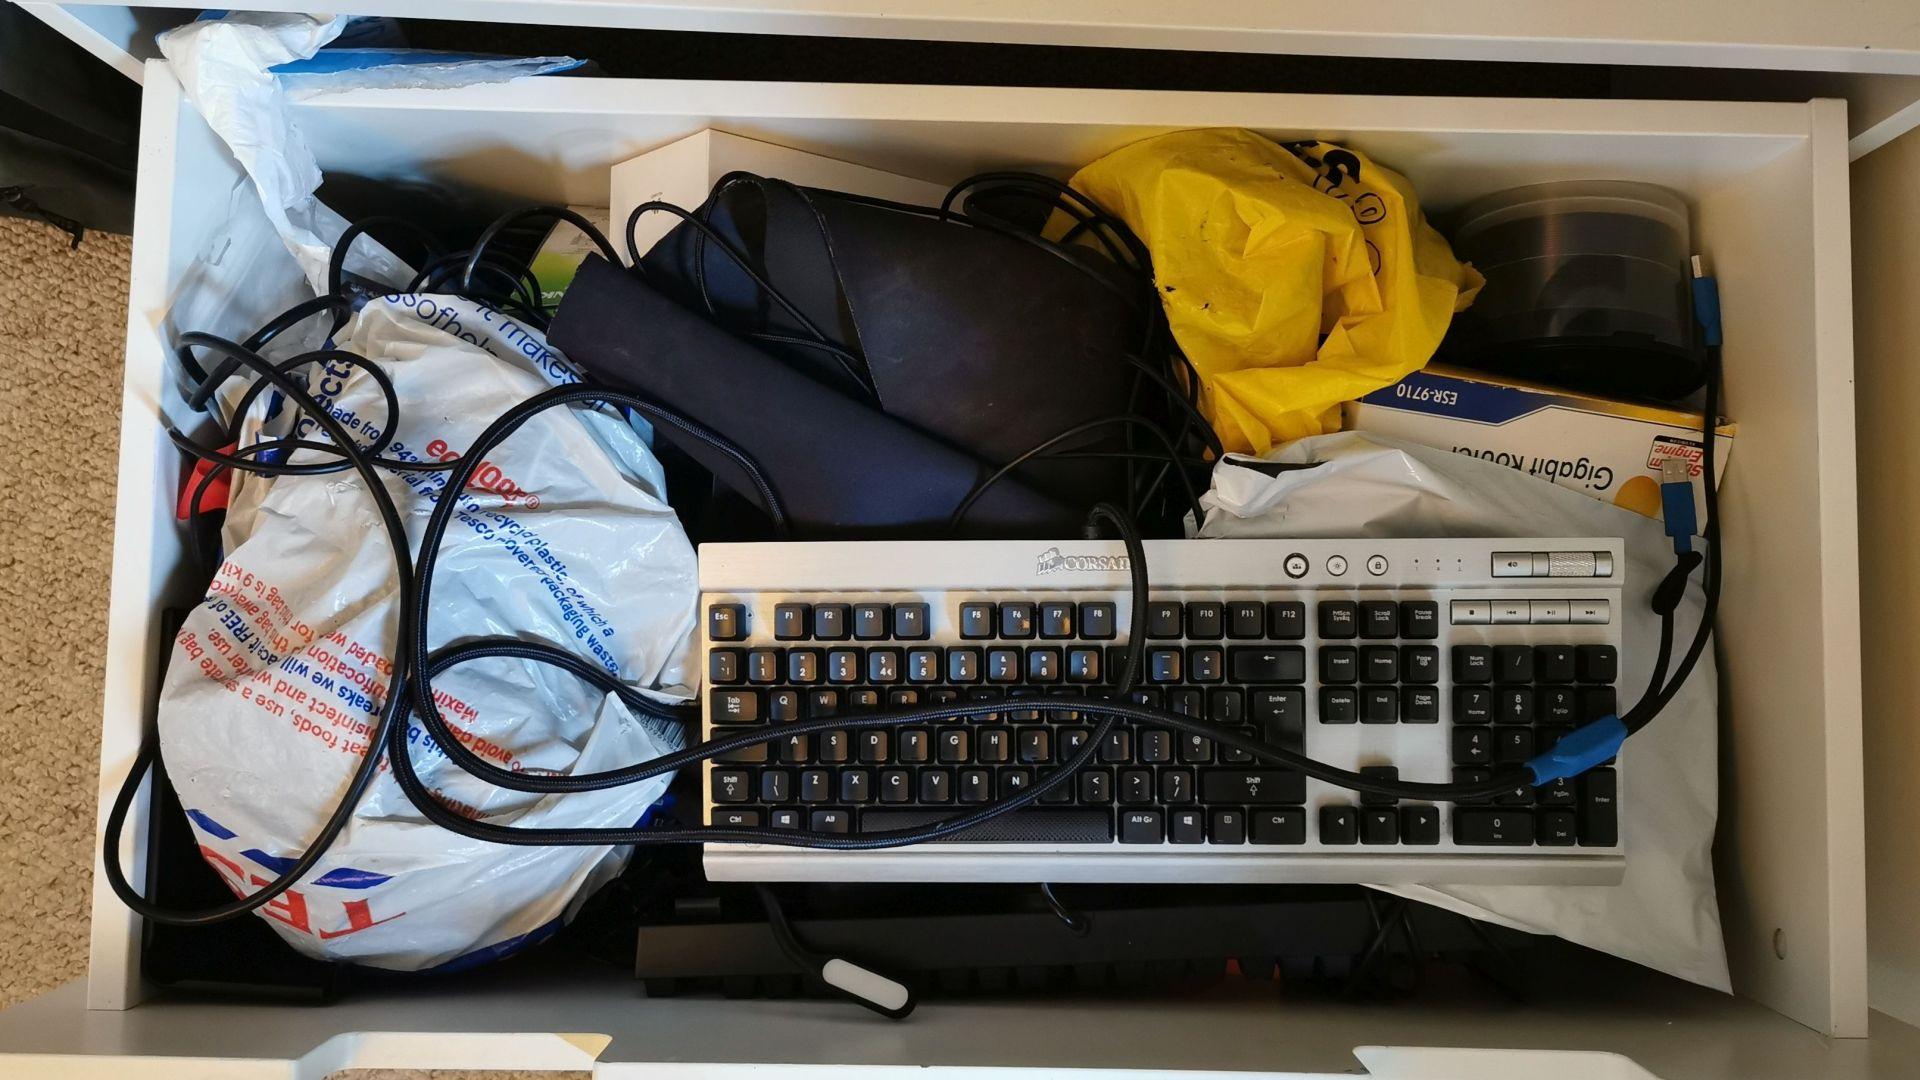 Una fotografía de un dibujo lleno de piezas de PC: un teclado, una pila de CD, varios cables, bolsas de plástico con gubbins desconocidos.